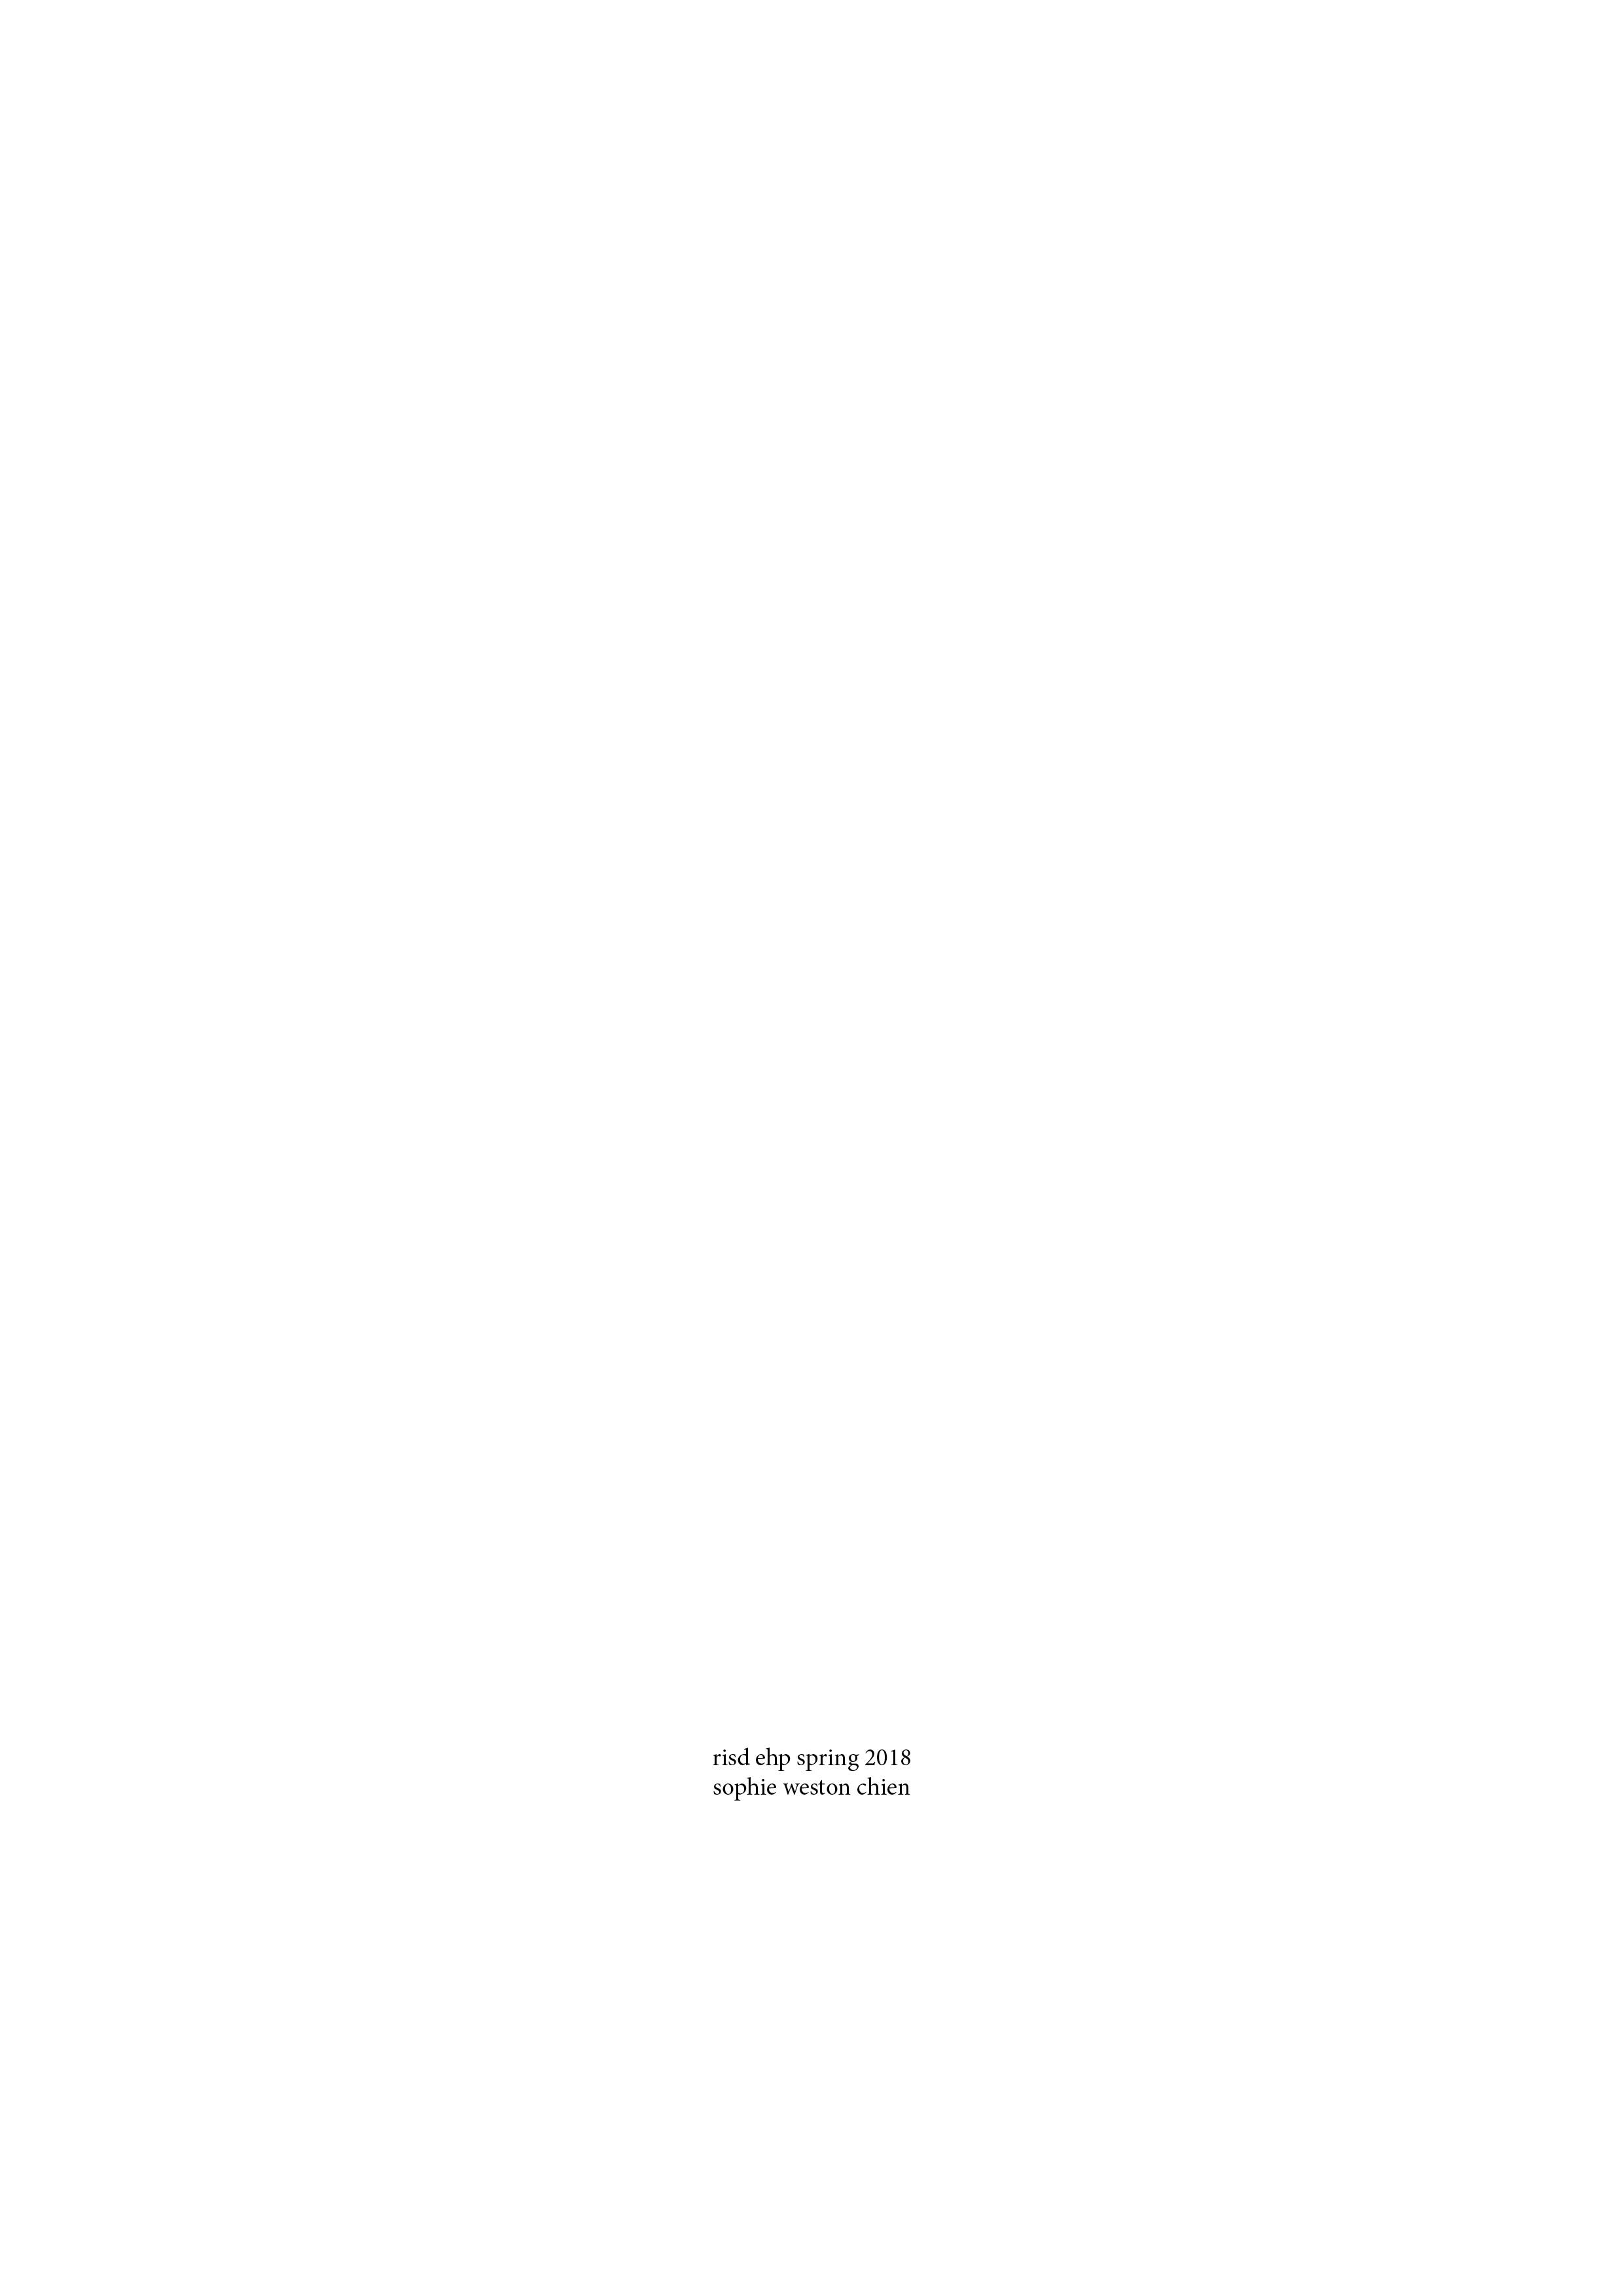 web diagram book print 319.jpg